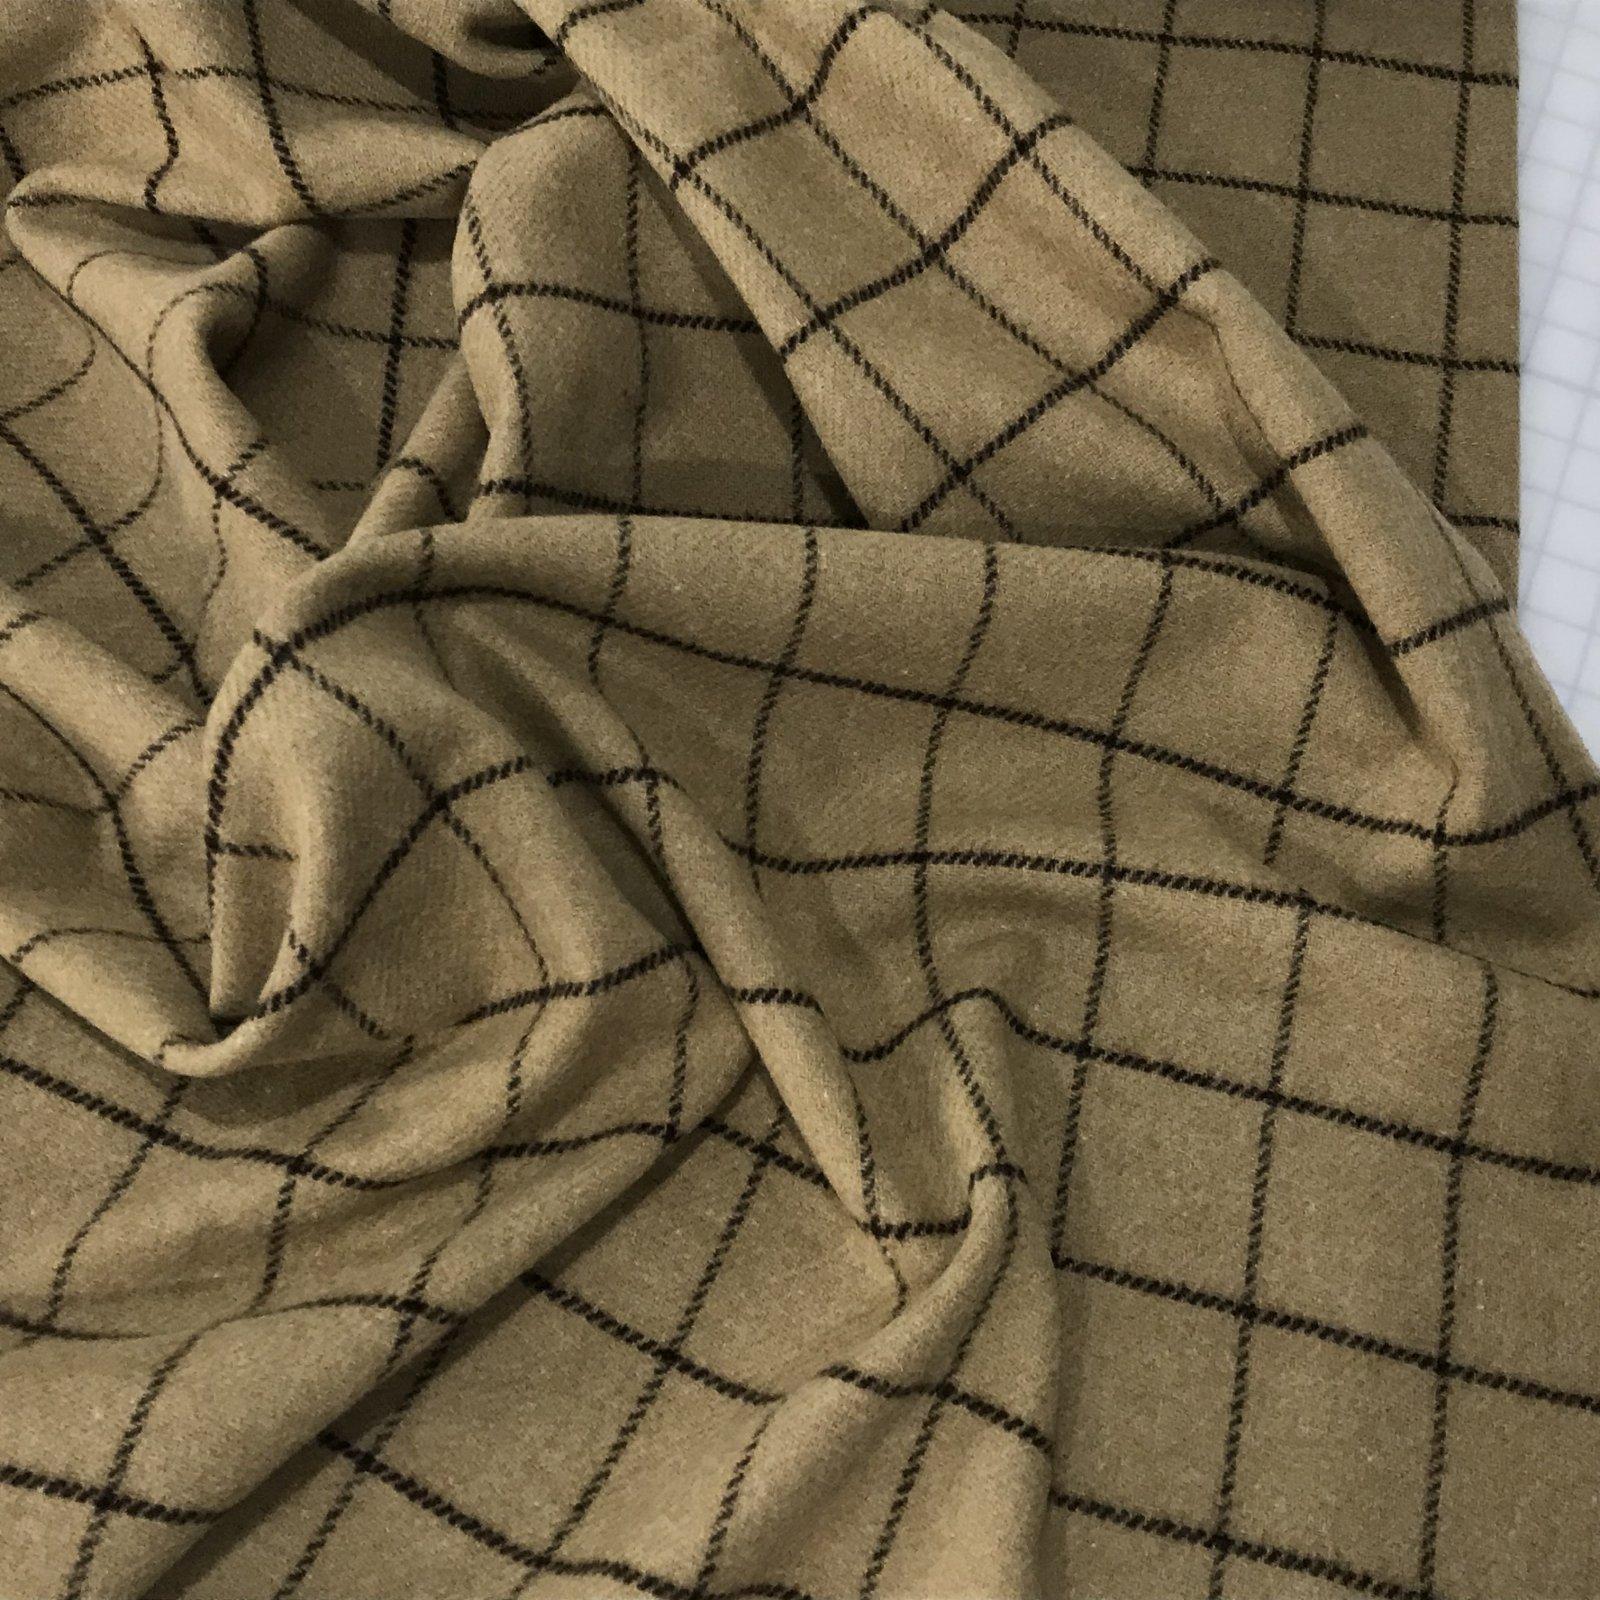 Woolrich - Windowpane Plaid Shetland - Tan/Brown